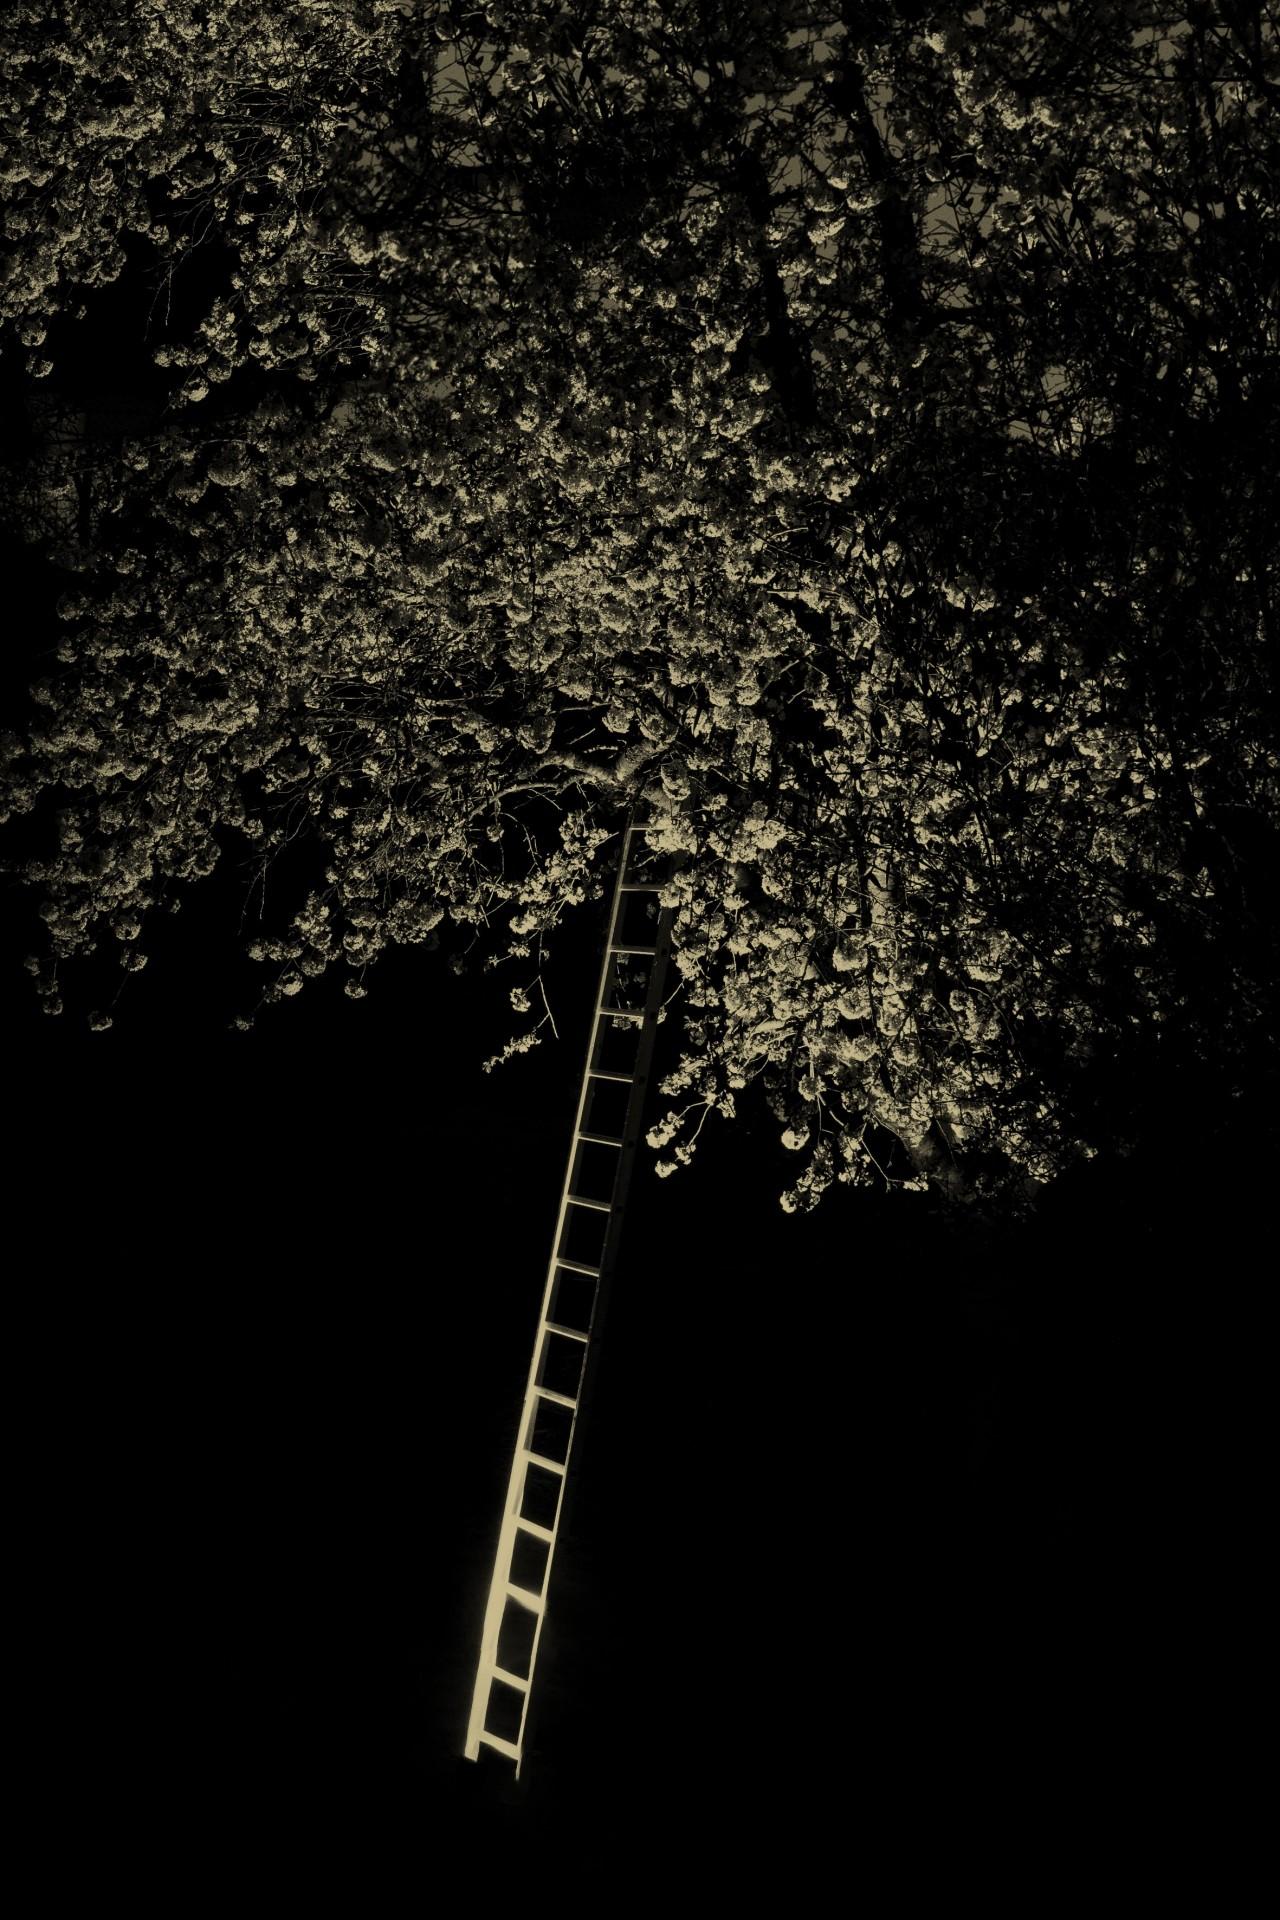 Лестница к дереву, 2019. Фотограф Пол Купидо